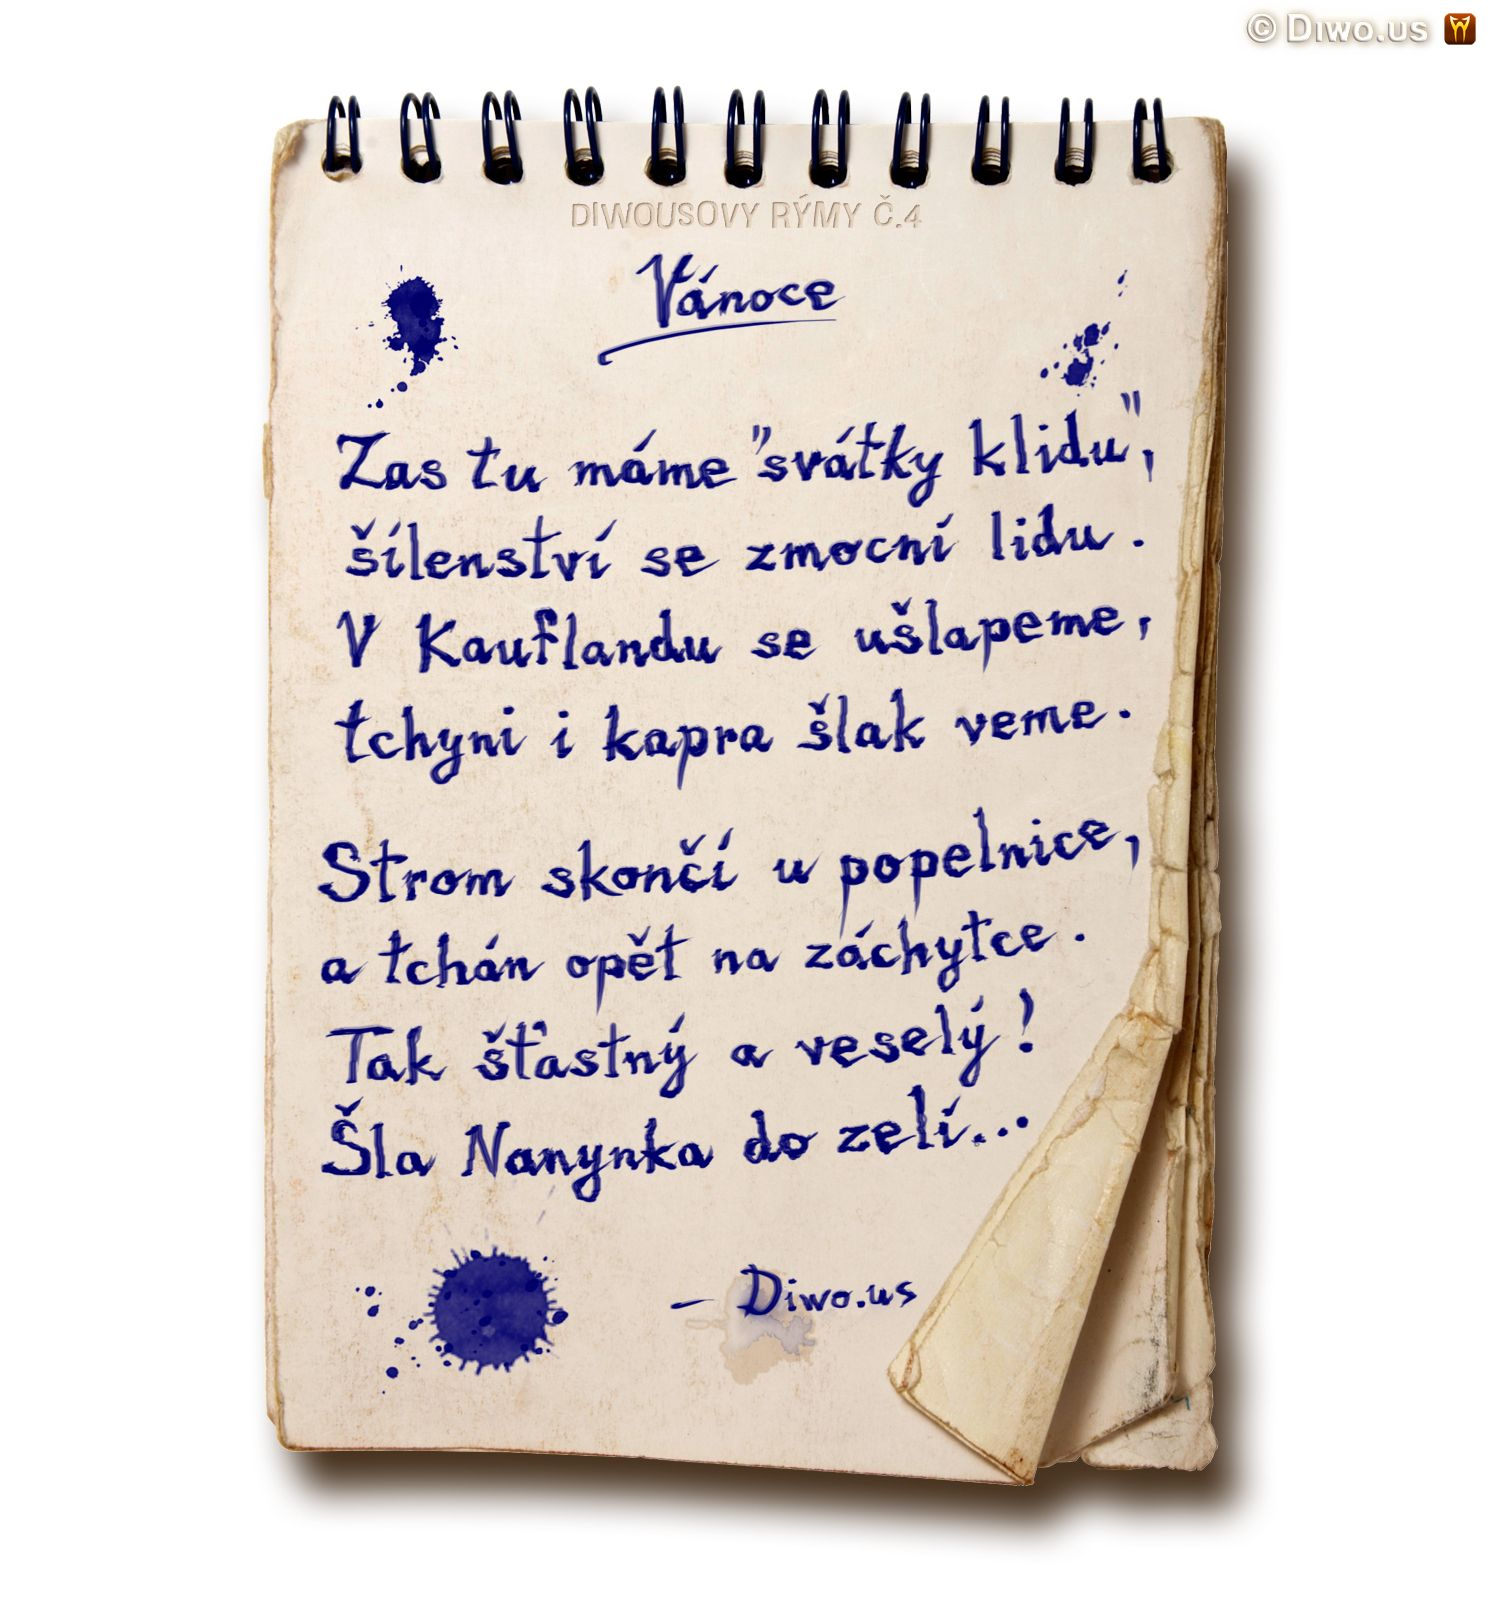 Diwous - Diwousovy Rýmy, žertovné, humorné básničky, verše, veršovánky, říkanky, rýmovačky, básně, sranda, legrace, satira, č.4, Vánoce, Kaufland, tchyně, tchán, kapr, vánoční stromeček, záchytka, popelnice, šla Nanynka do zelí, svátky klidu a míru